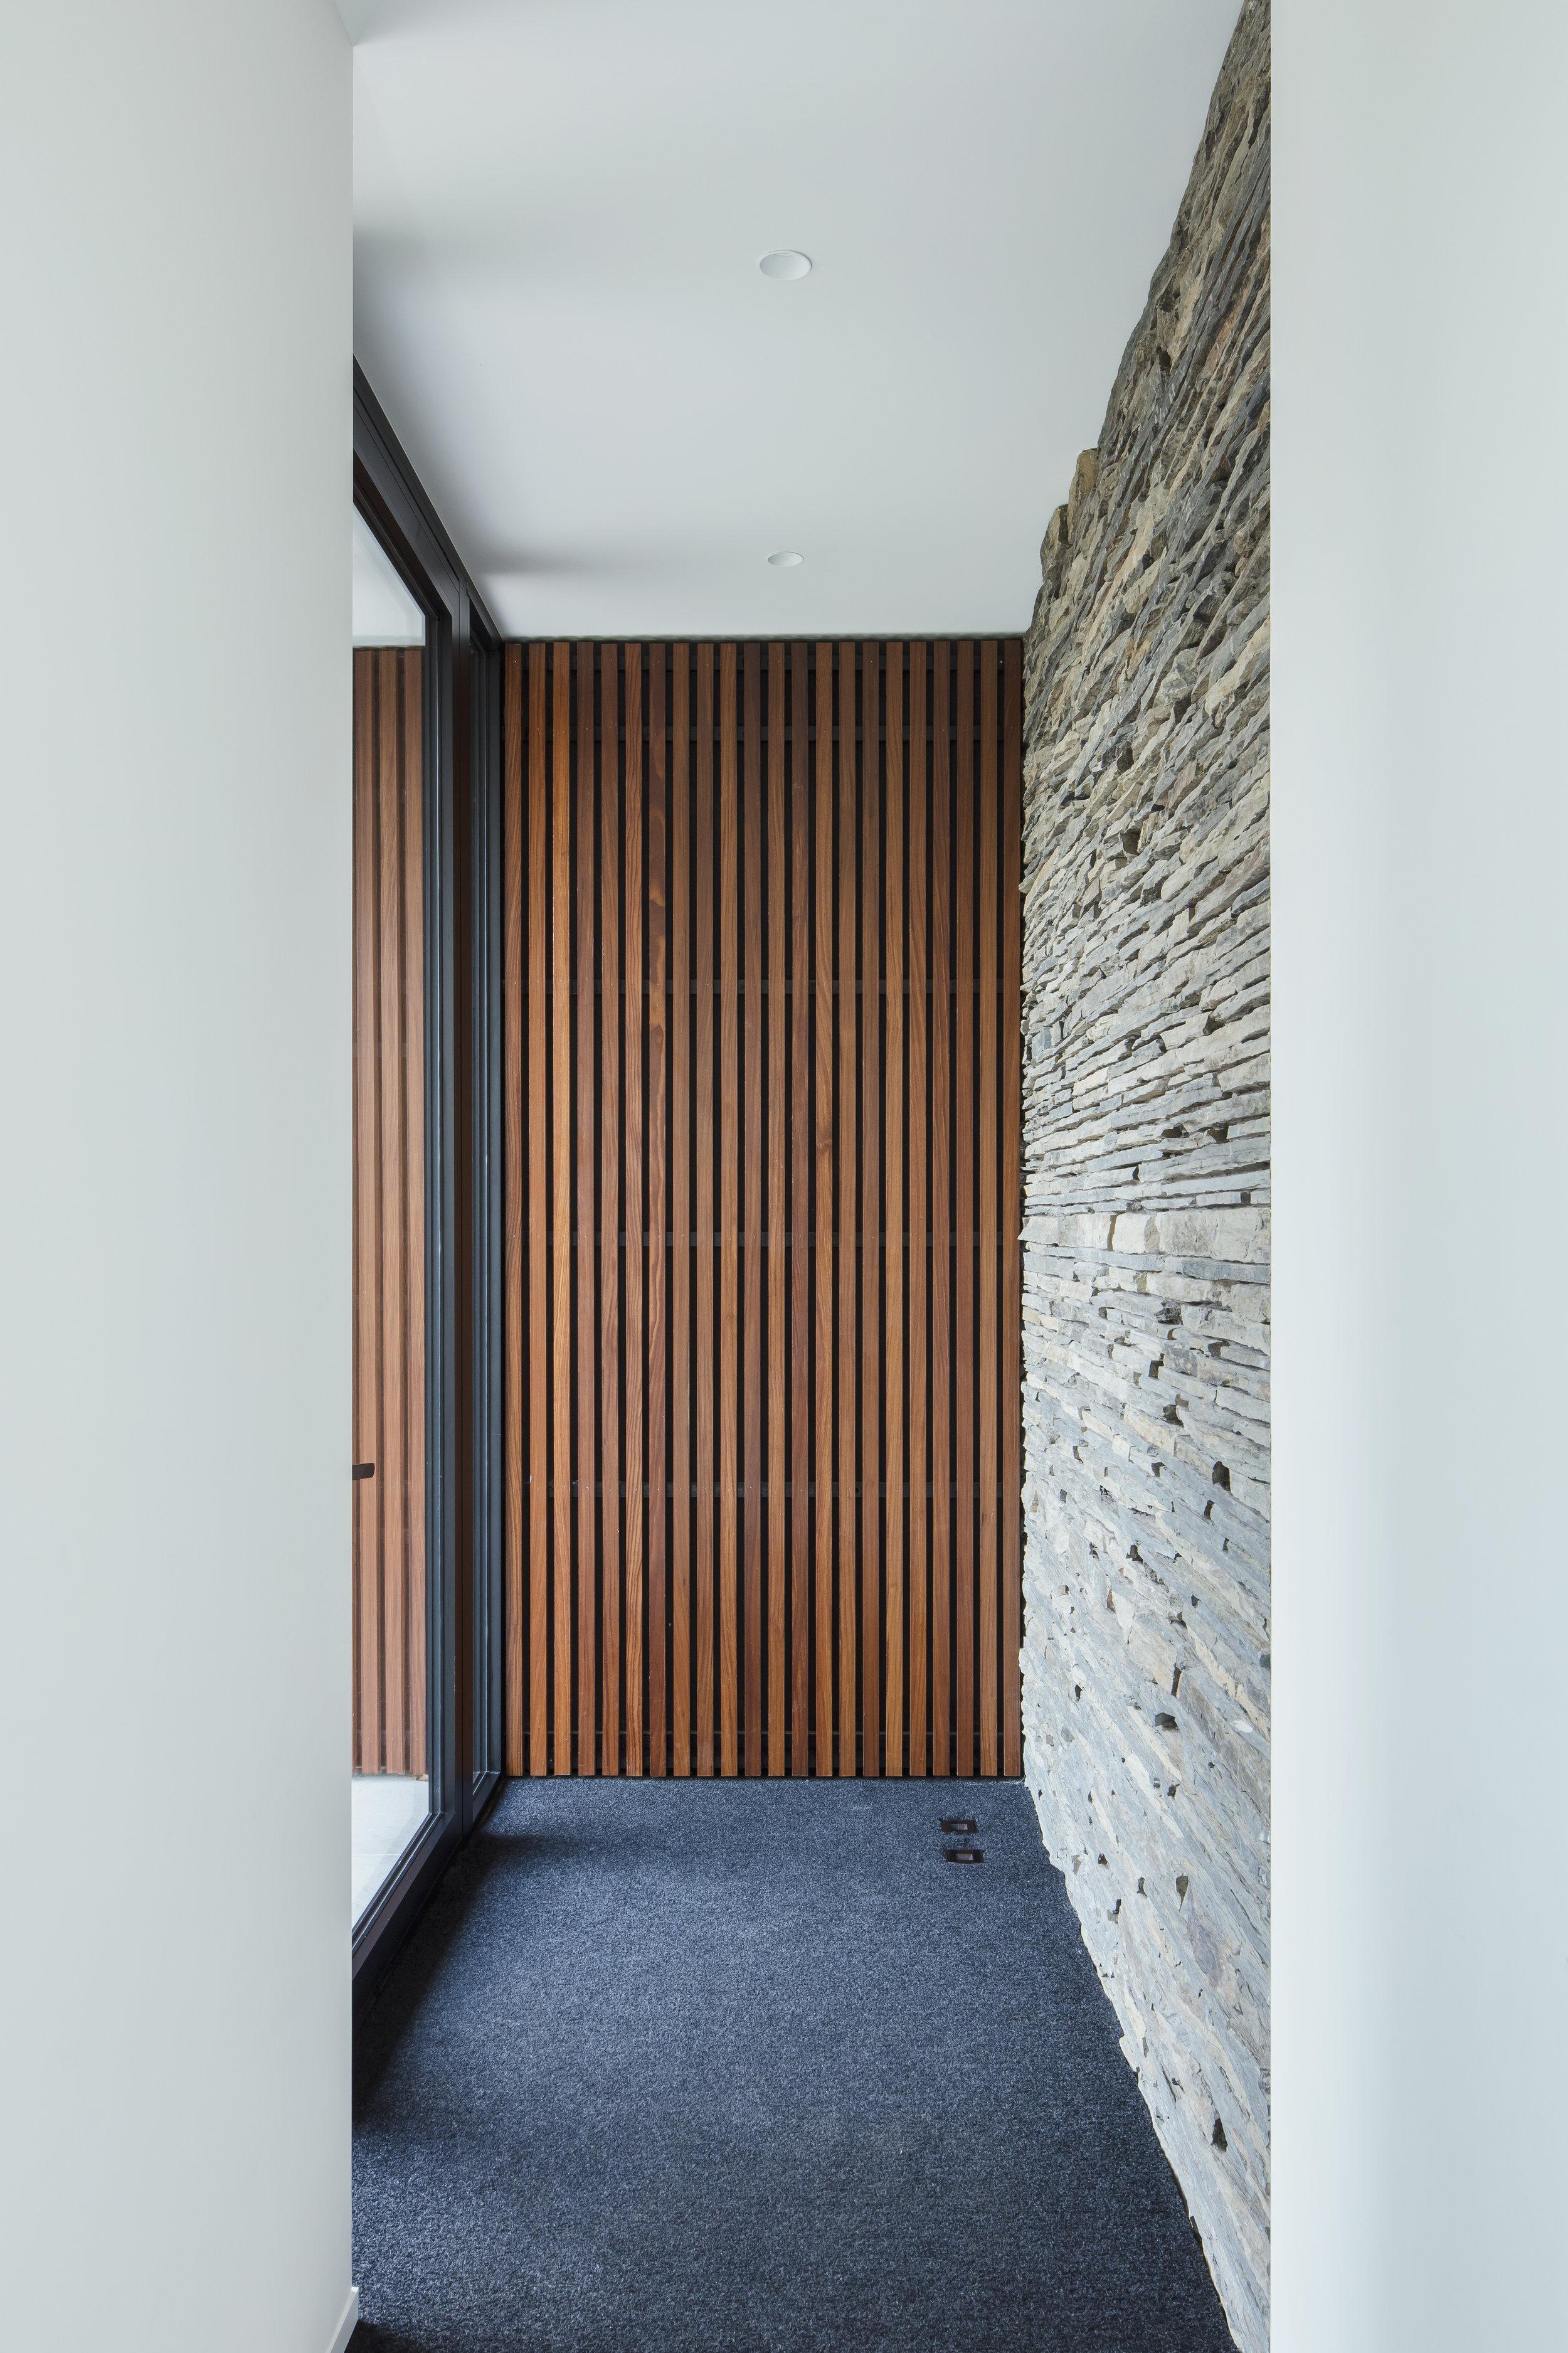 demeestervliegen-architecture-interior-interiorarchitecture-office1.jpg